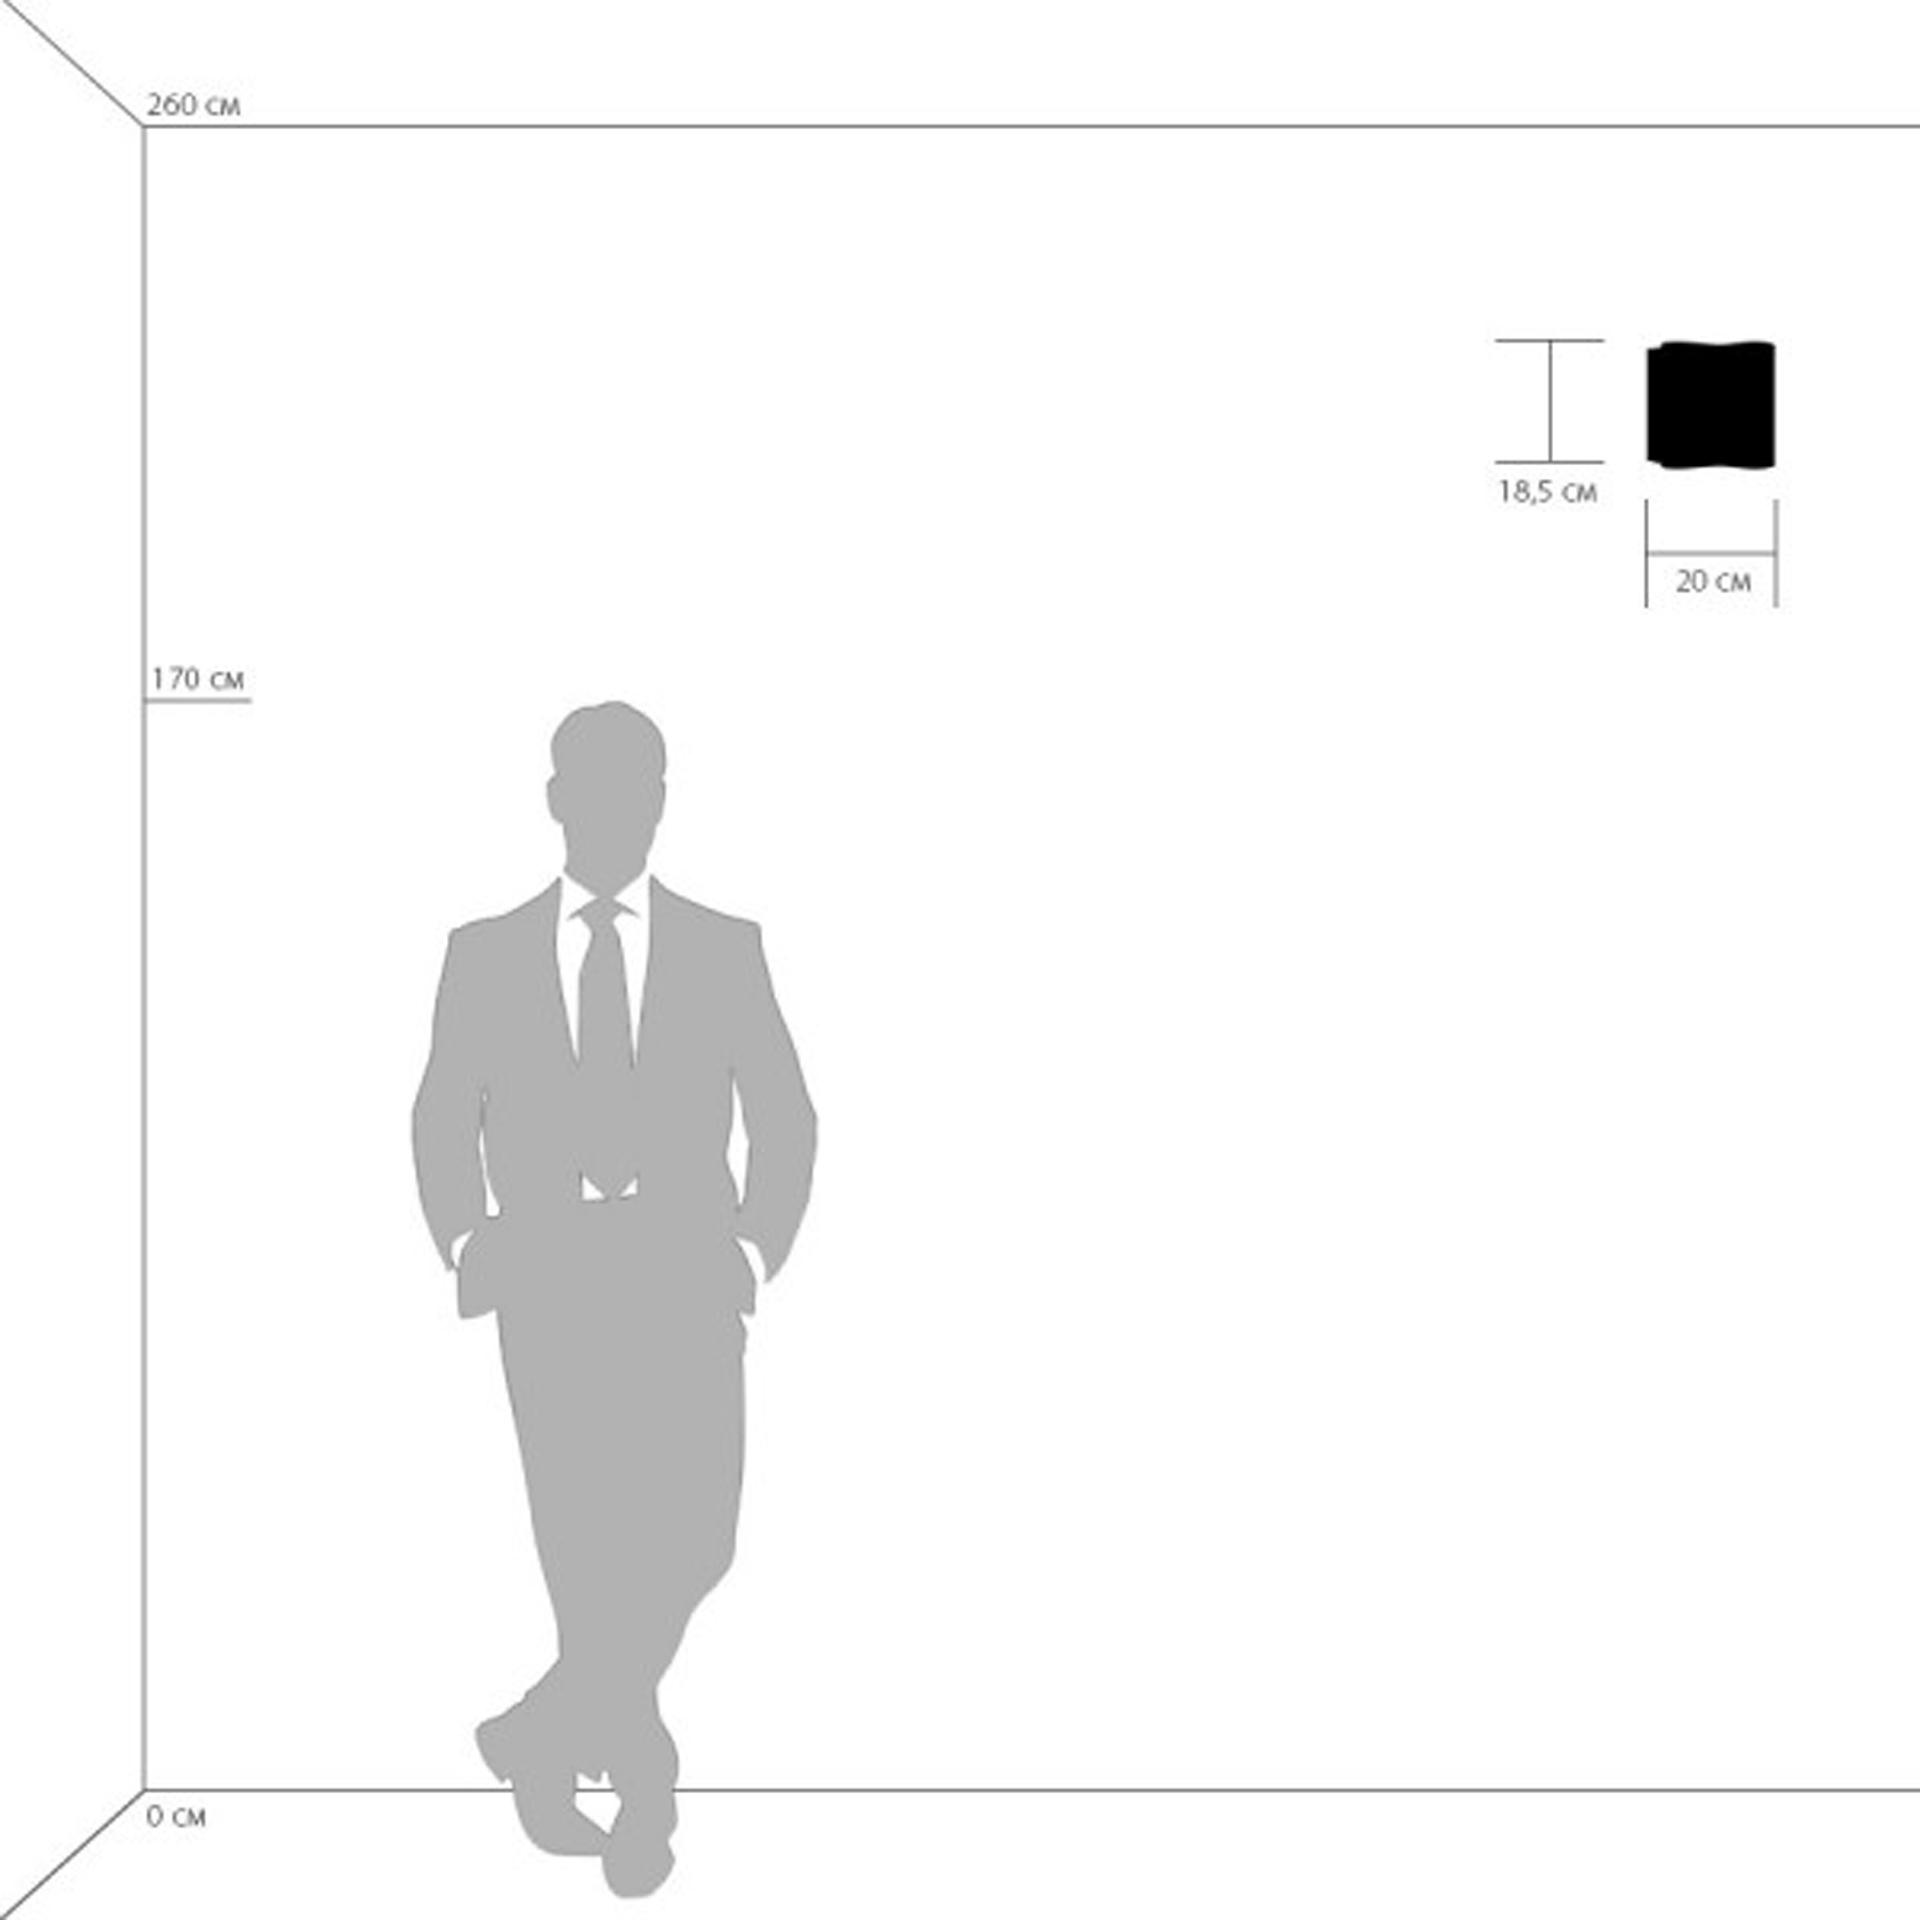 Бра NUBI Legno 1x40W E14 светлое дерево / белый Lightstar 802615, купить в СПб, Москве, с доставкой, Санкт-Петербург, интернет-магазин люстр и светильников Starlight, фото в жизни